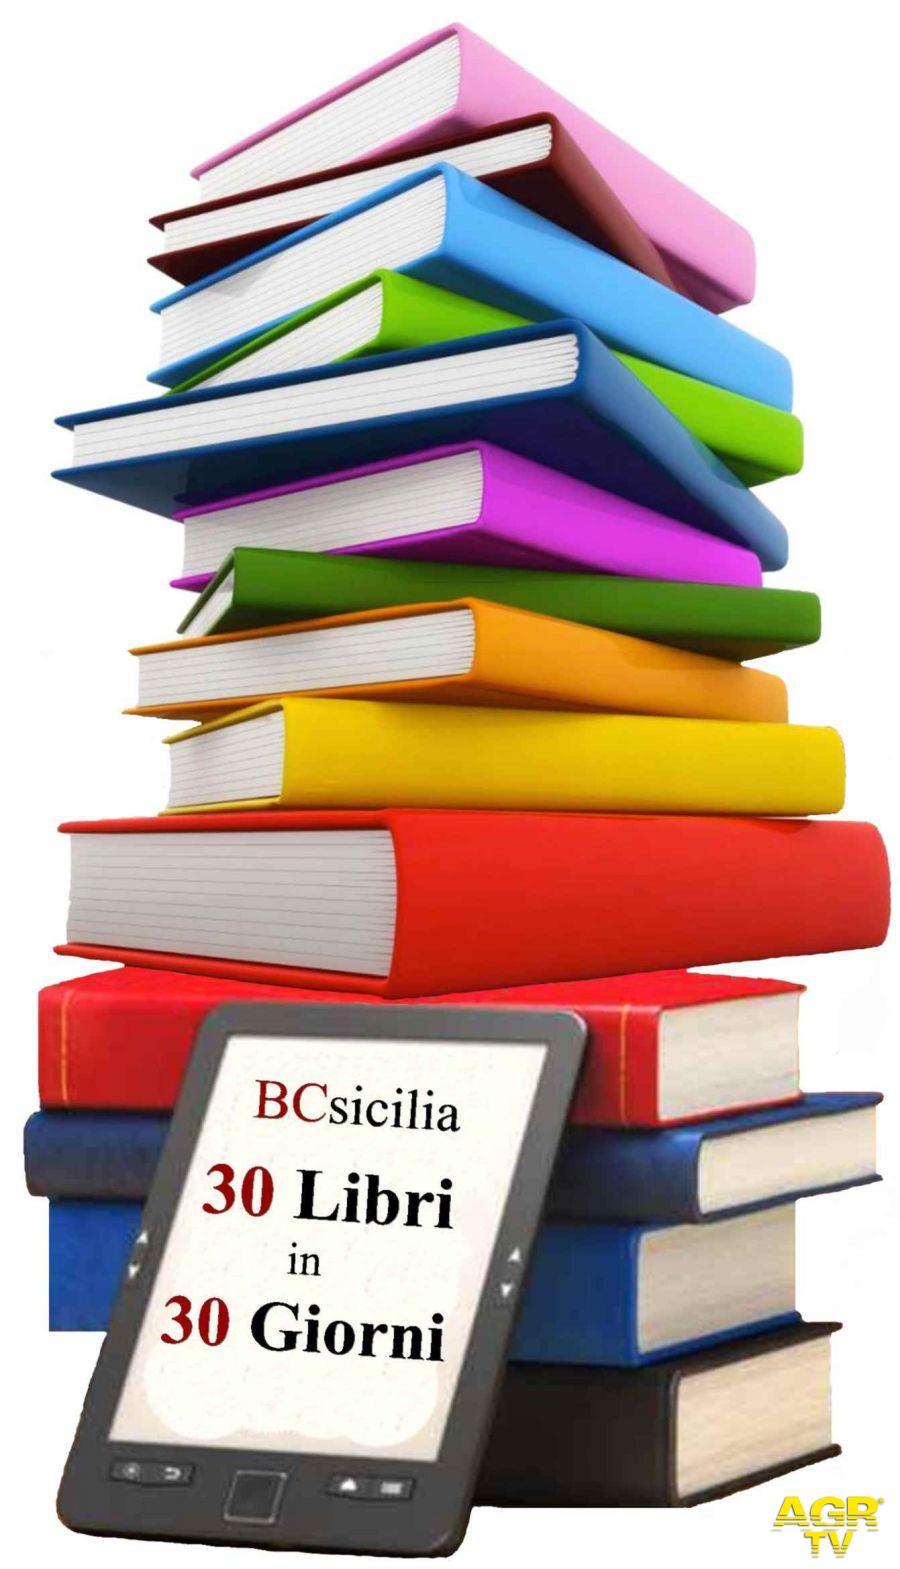 """Sicilia, al via """"30 libri in 30 giorni"""" iniziativa per riscoprire la bellezza della lettura"""